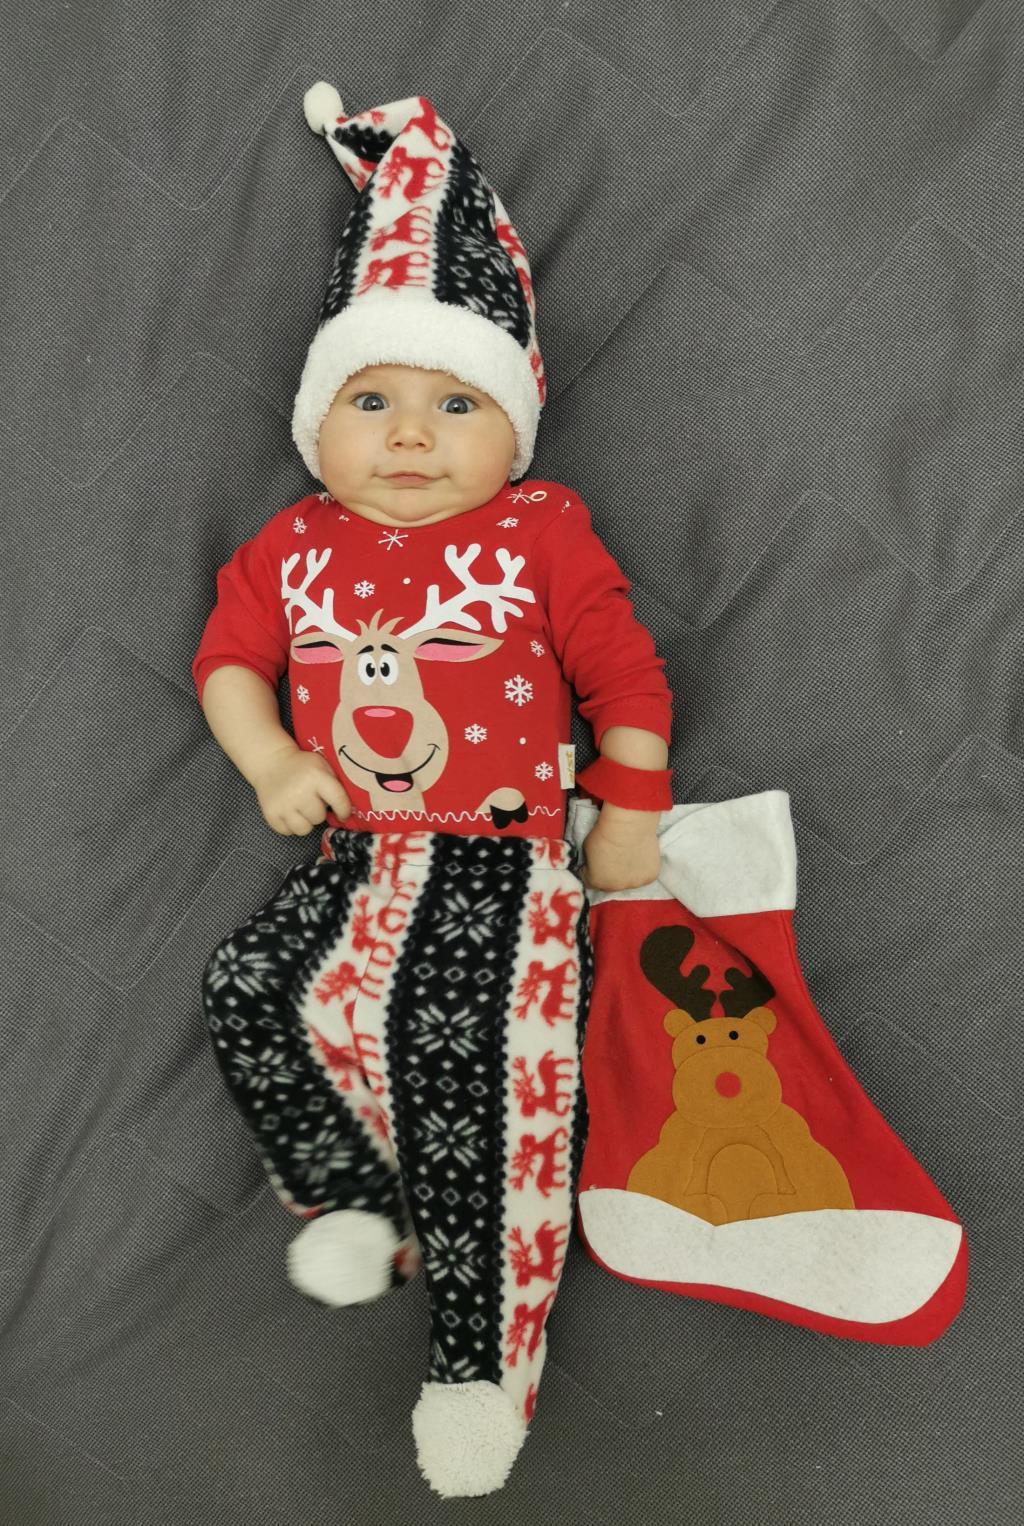 Маленький Дед Мороз - всем подарочки принес!!!. Новогодние каникулы